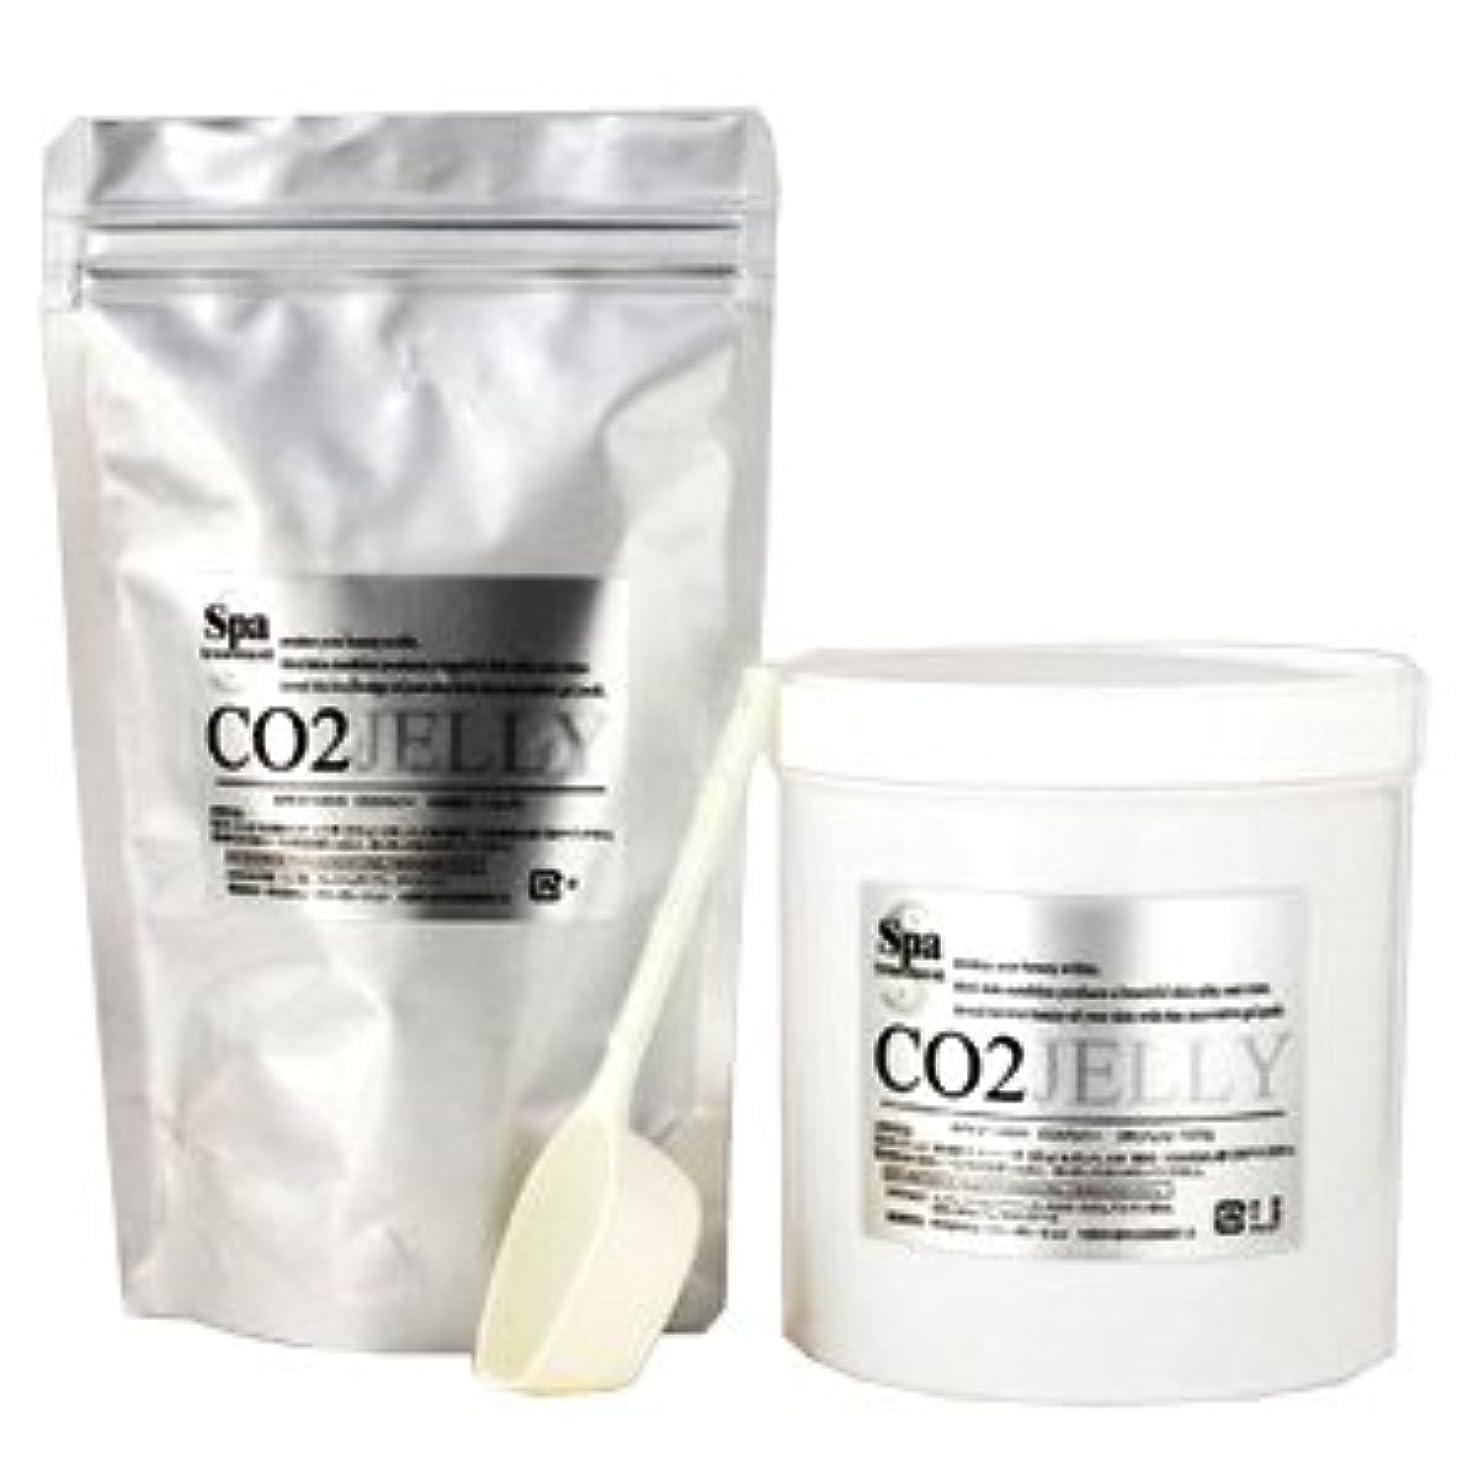 不健全運ぶスライムスパトリートメント CO2ジェリーN 40回分 業務用 炭酸パック